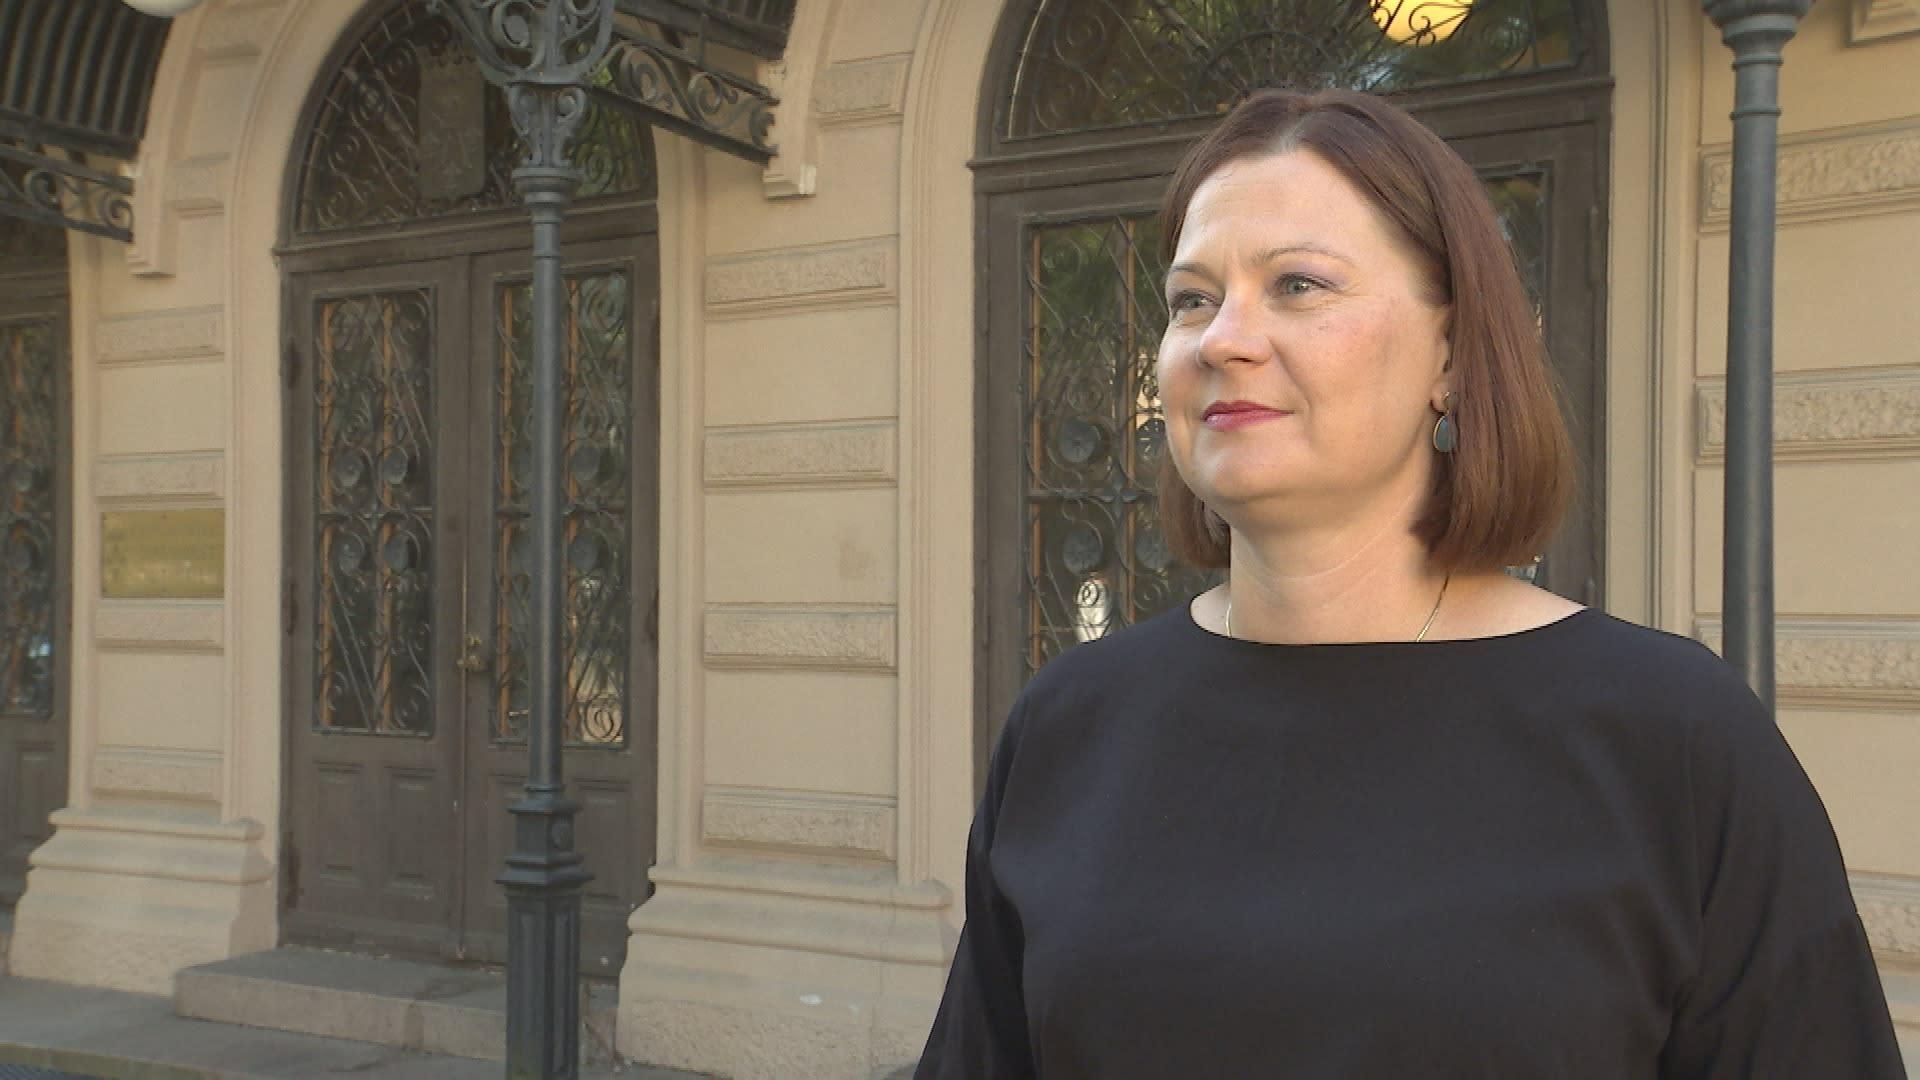 Minna Arve seisoo Turun kaupungintalon edessä.